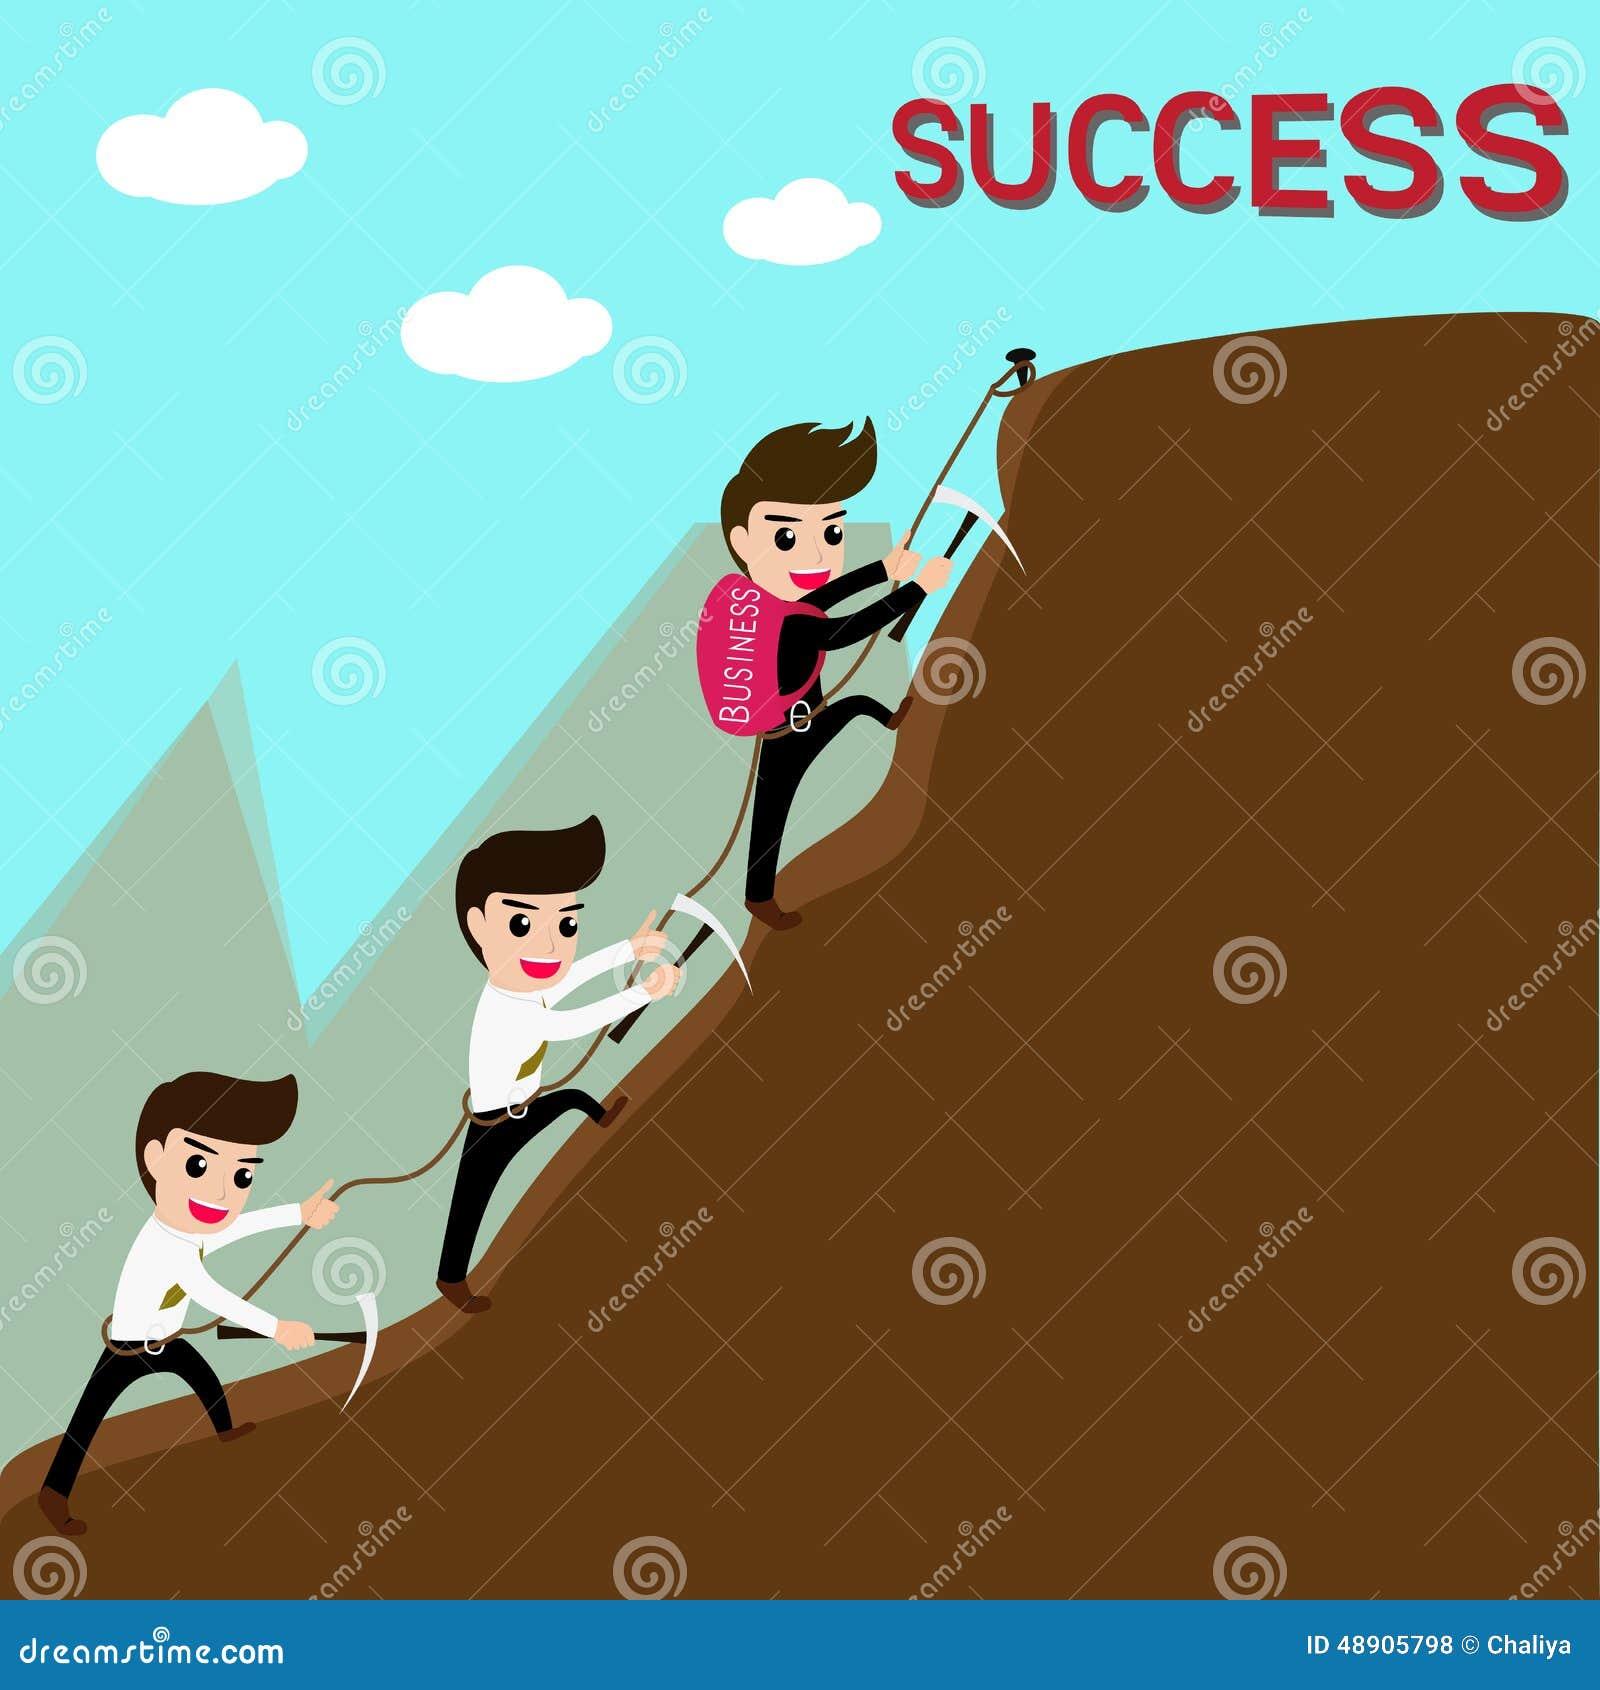 Ledarskap och laget är framgång i affär